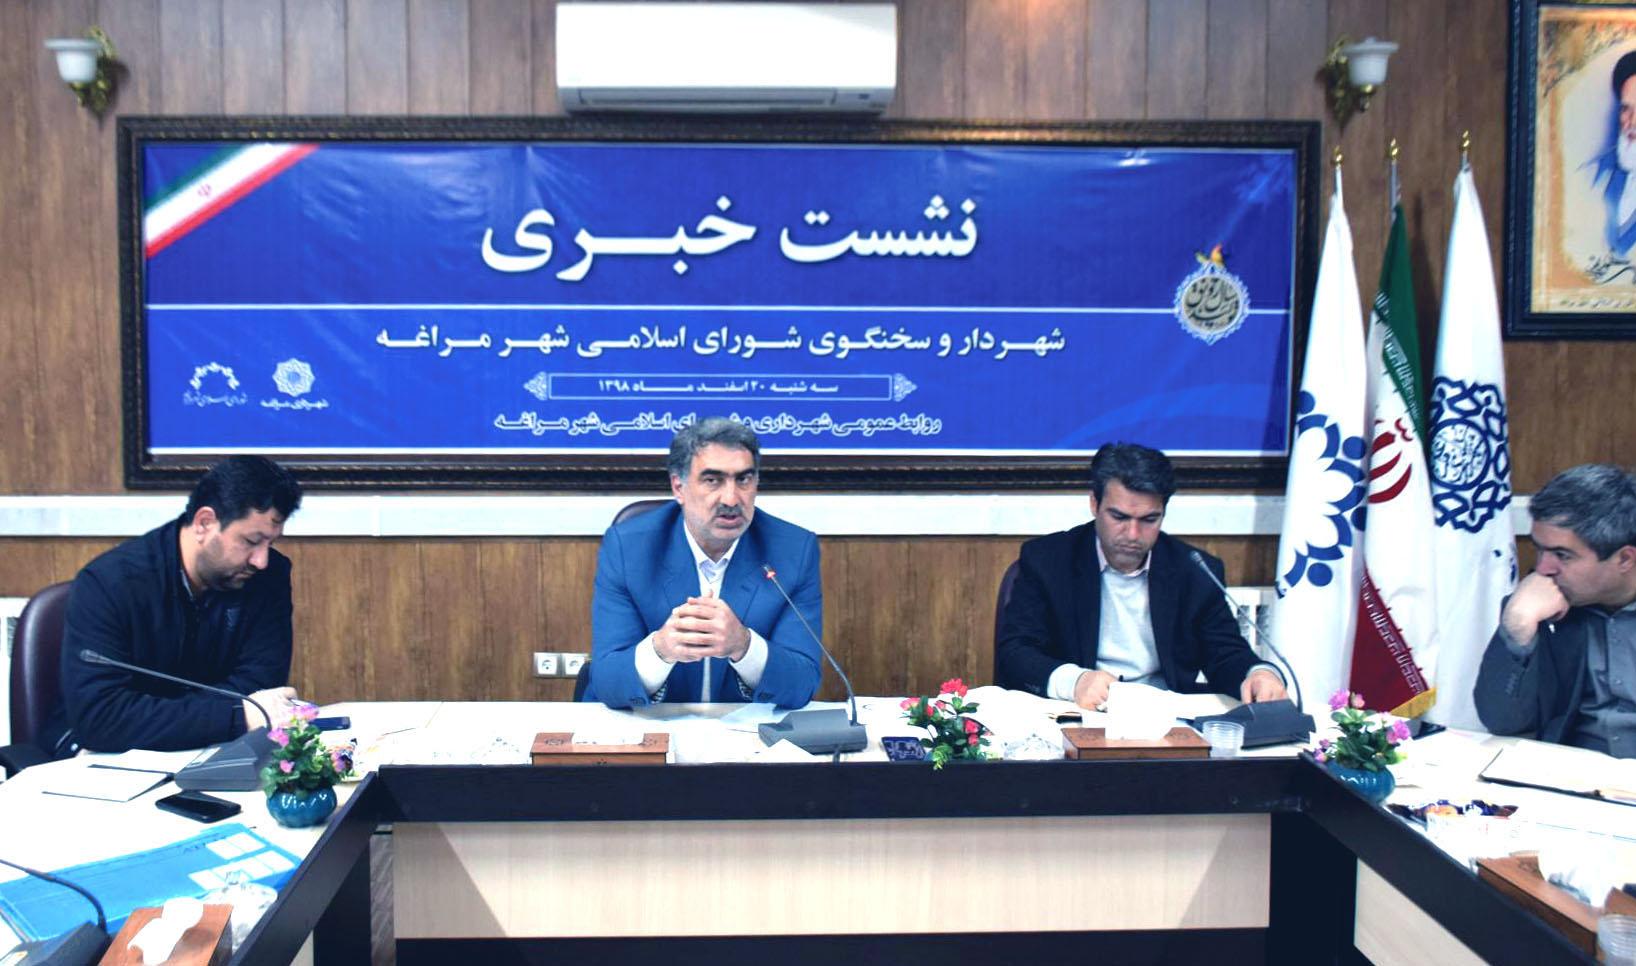 ۱۳۹۹ سال اوج گیری فعالیت های عمرانی و خدماتی شهرداری و شورای اسلامی شهر مراغه